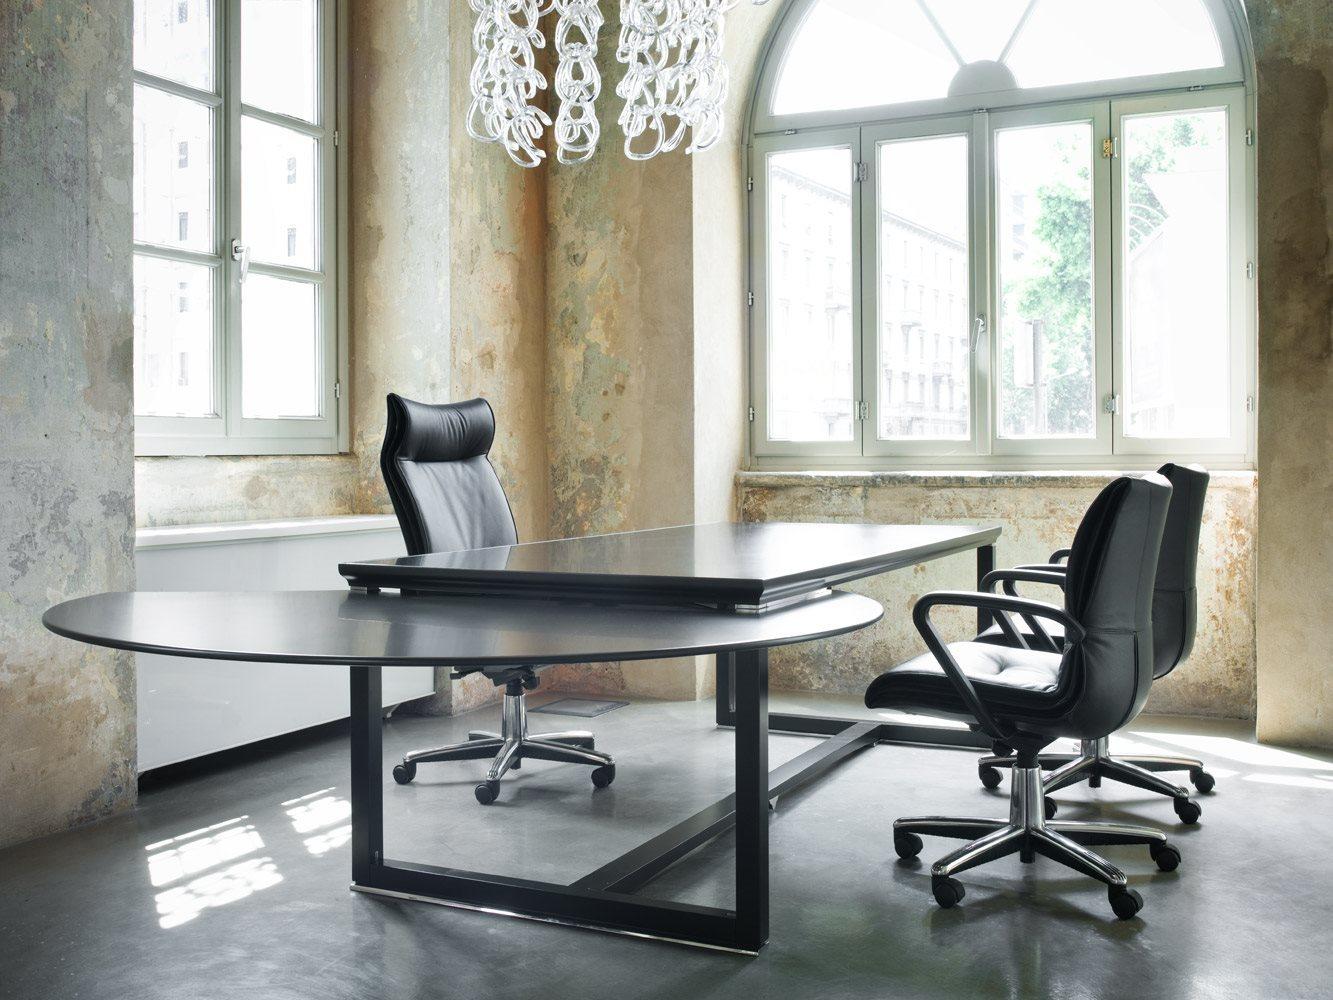 Scrivania Ufficio Torino : Scrivanie ufficio torino scrivania per ufficio scrivania per